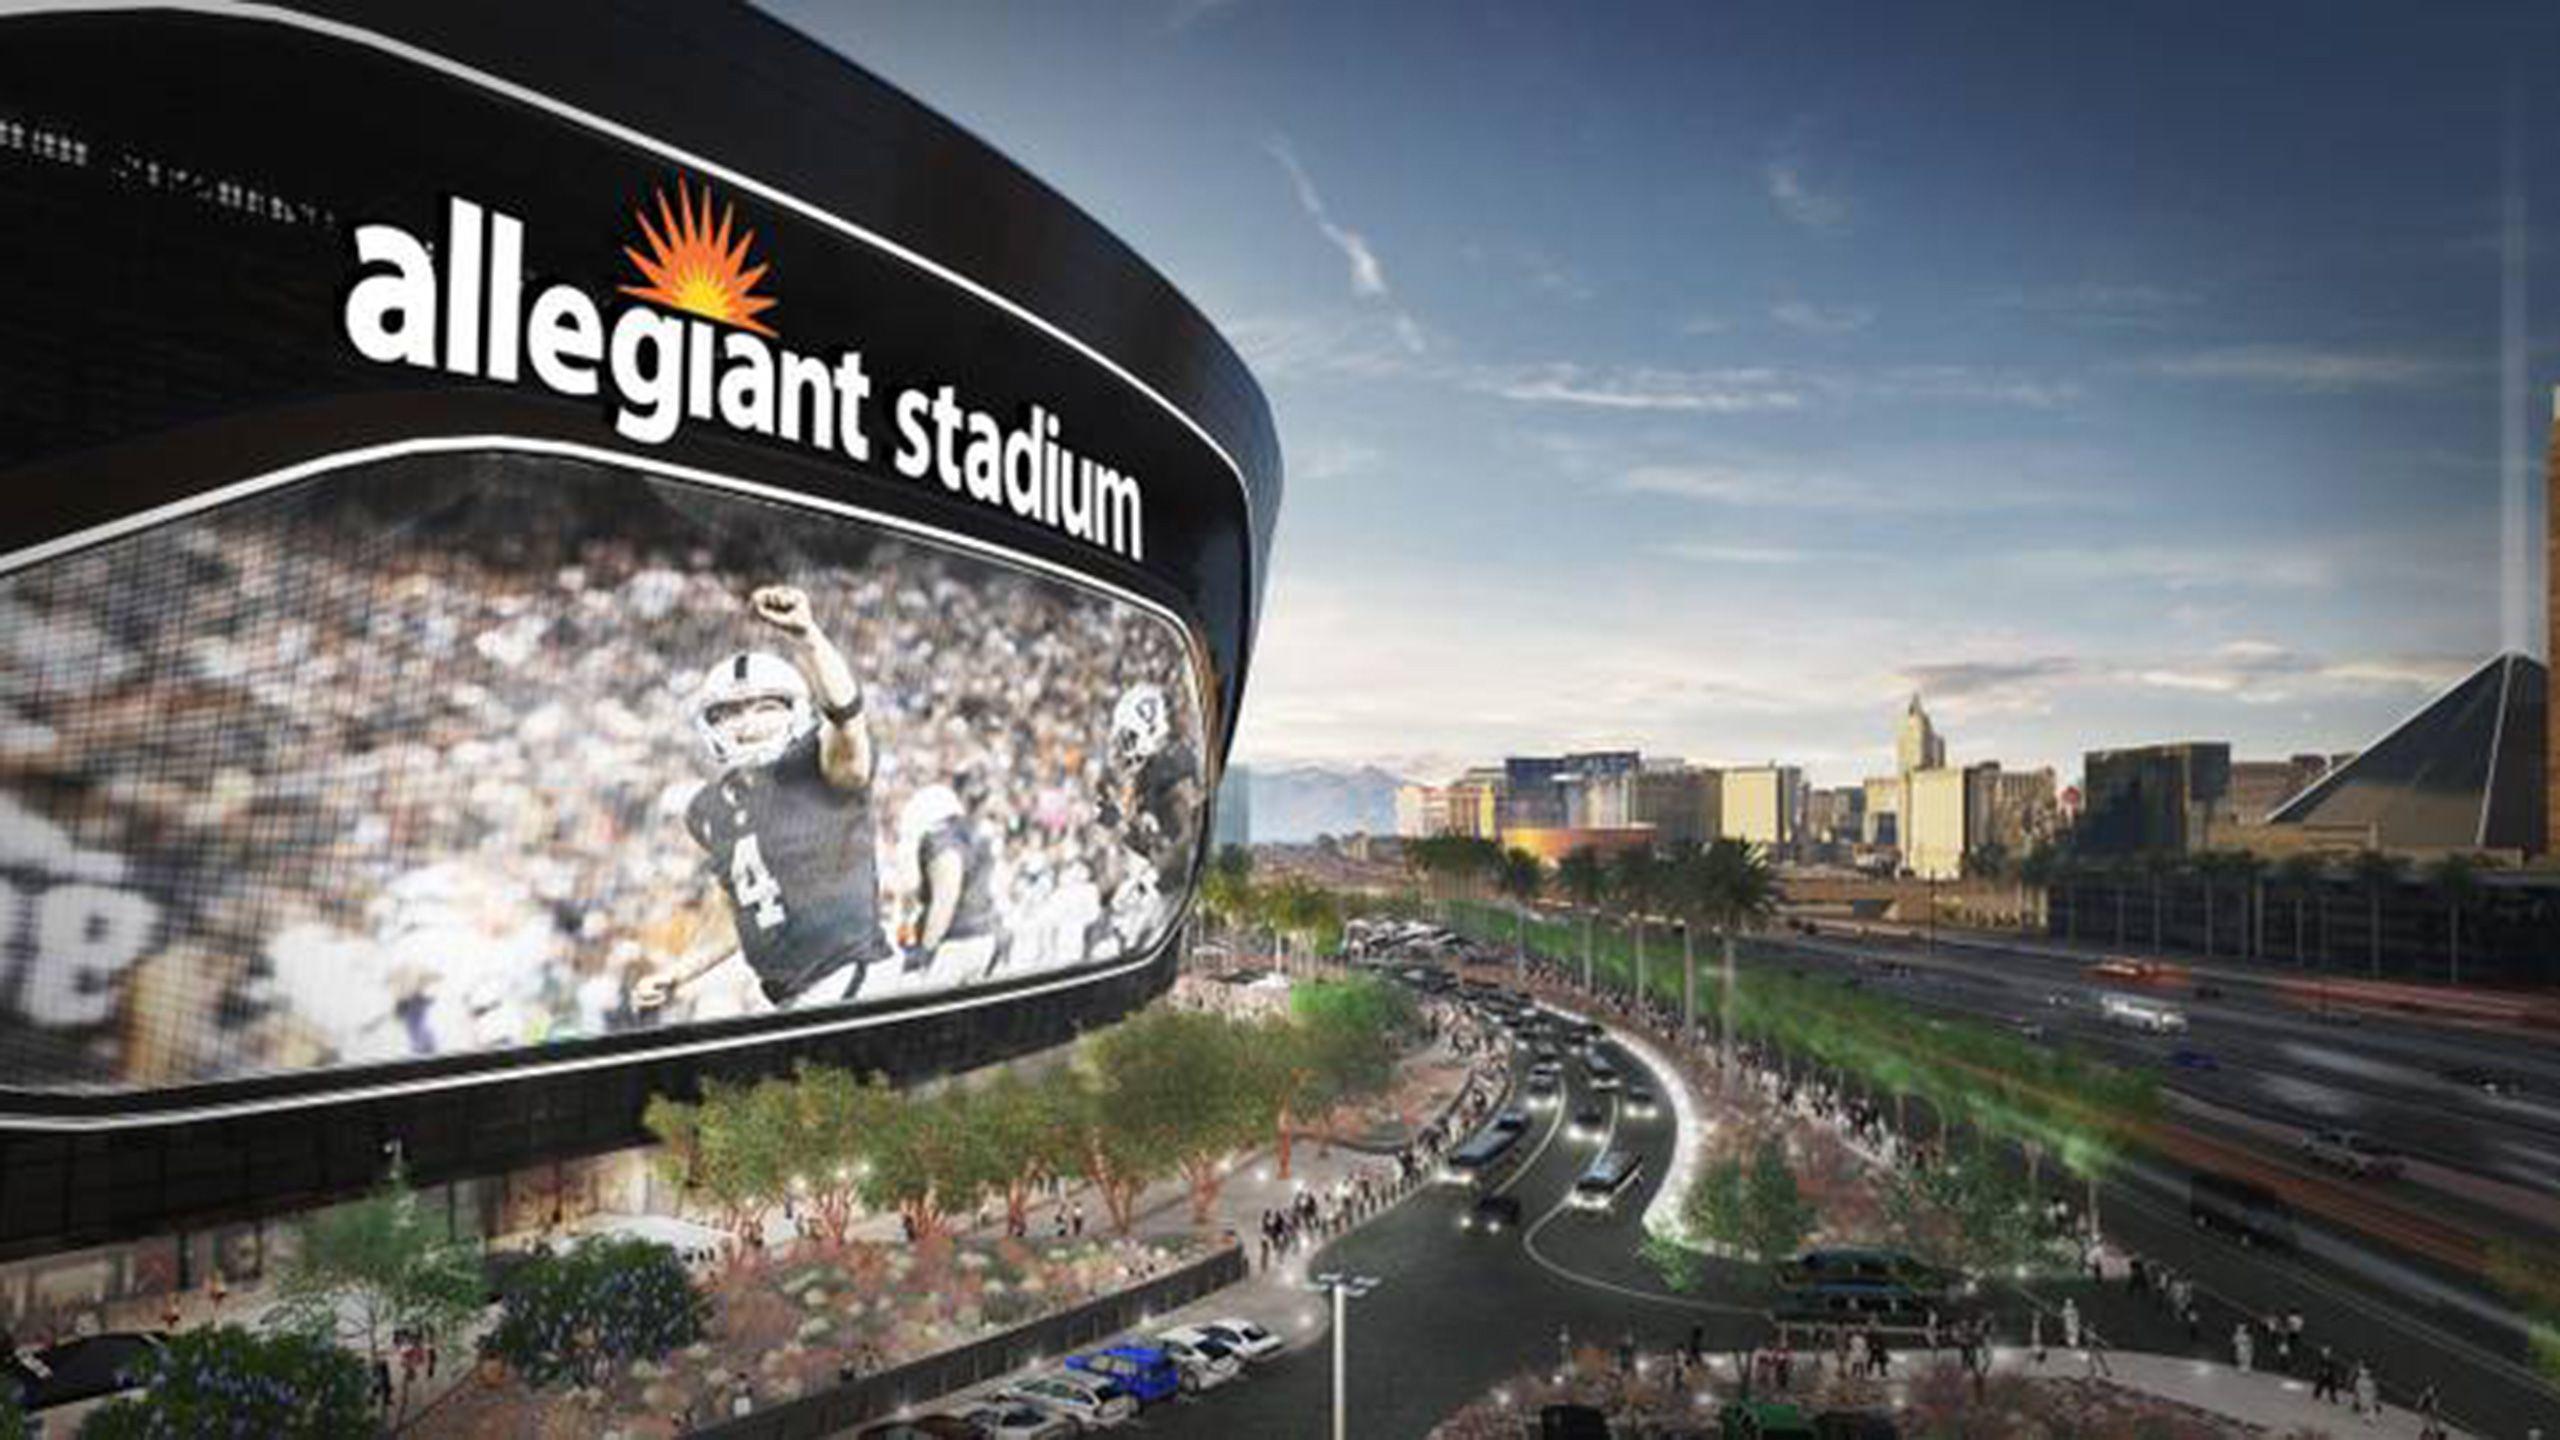 Visit Allegiant Stadium